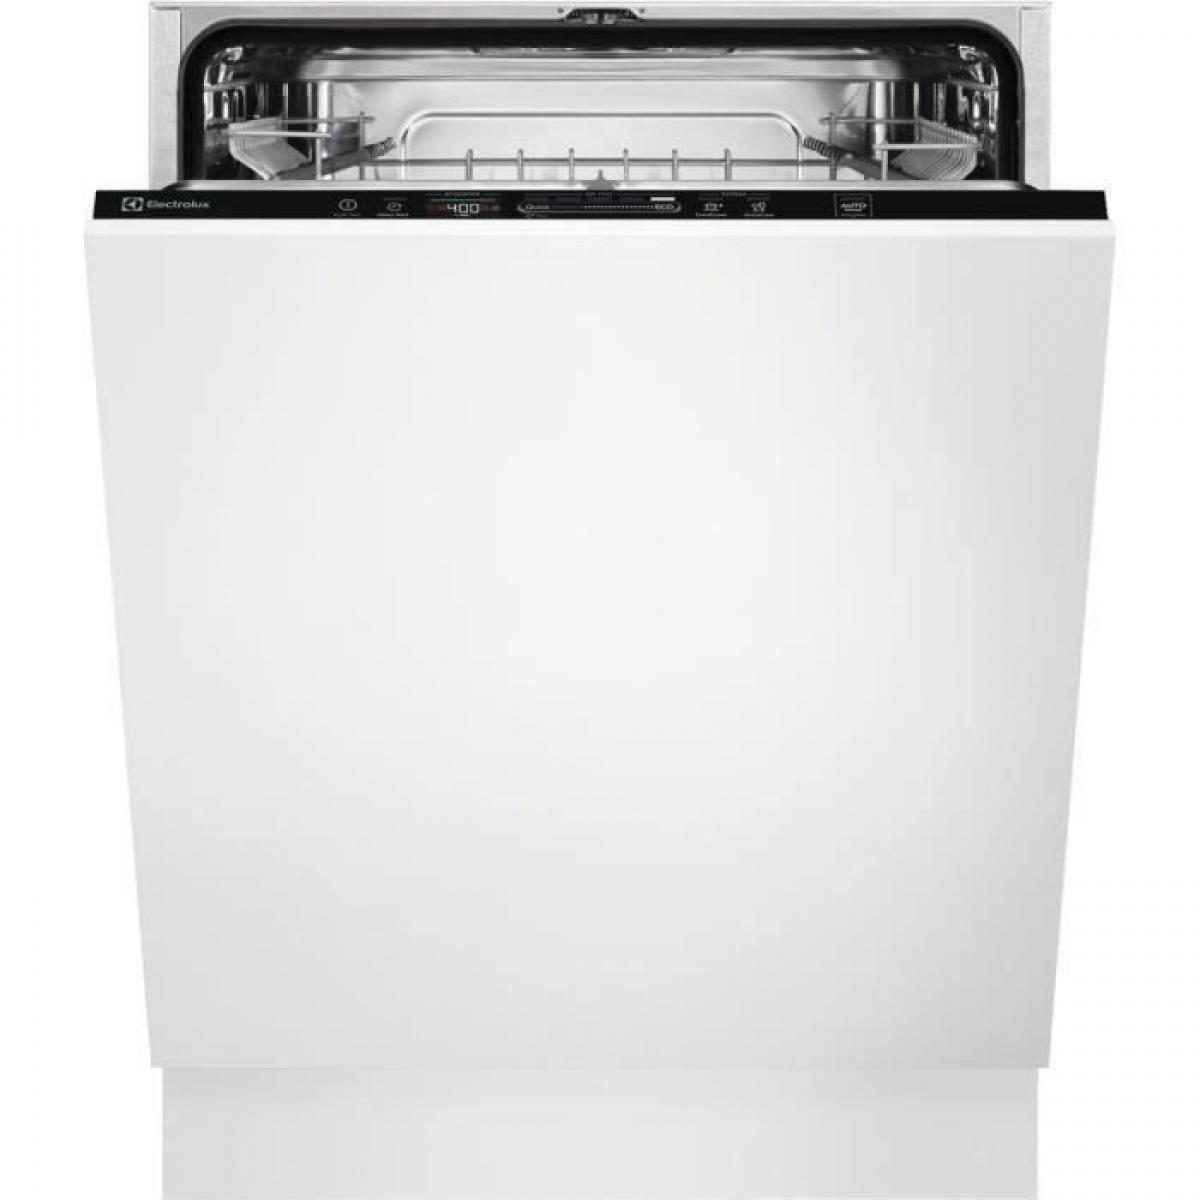 Electrolux Lave-vaisselle tout intégrable ELECTROLUX EEQ47225L - 13 couverts - Largeur 60 cm - Classe A++ - 44dB